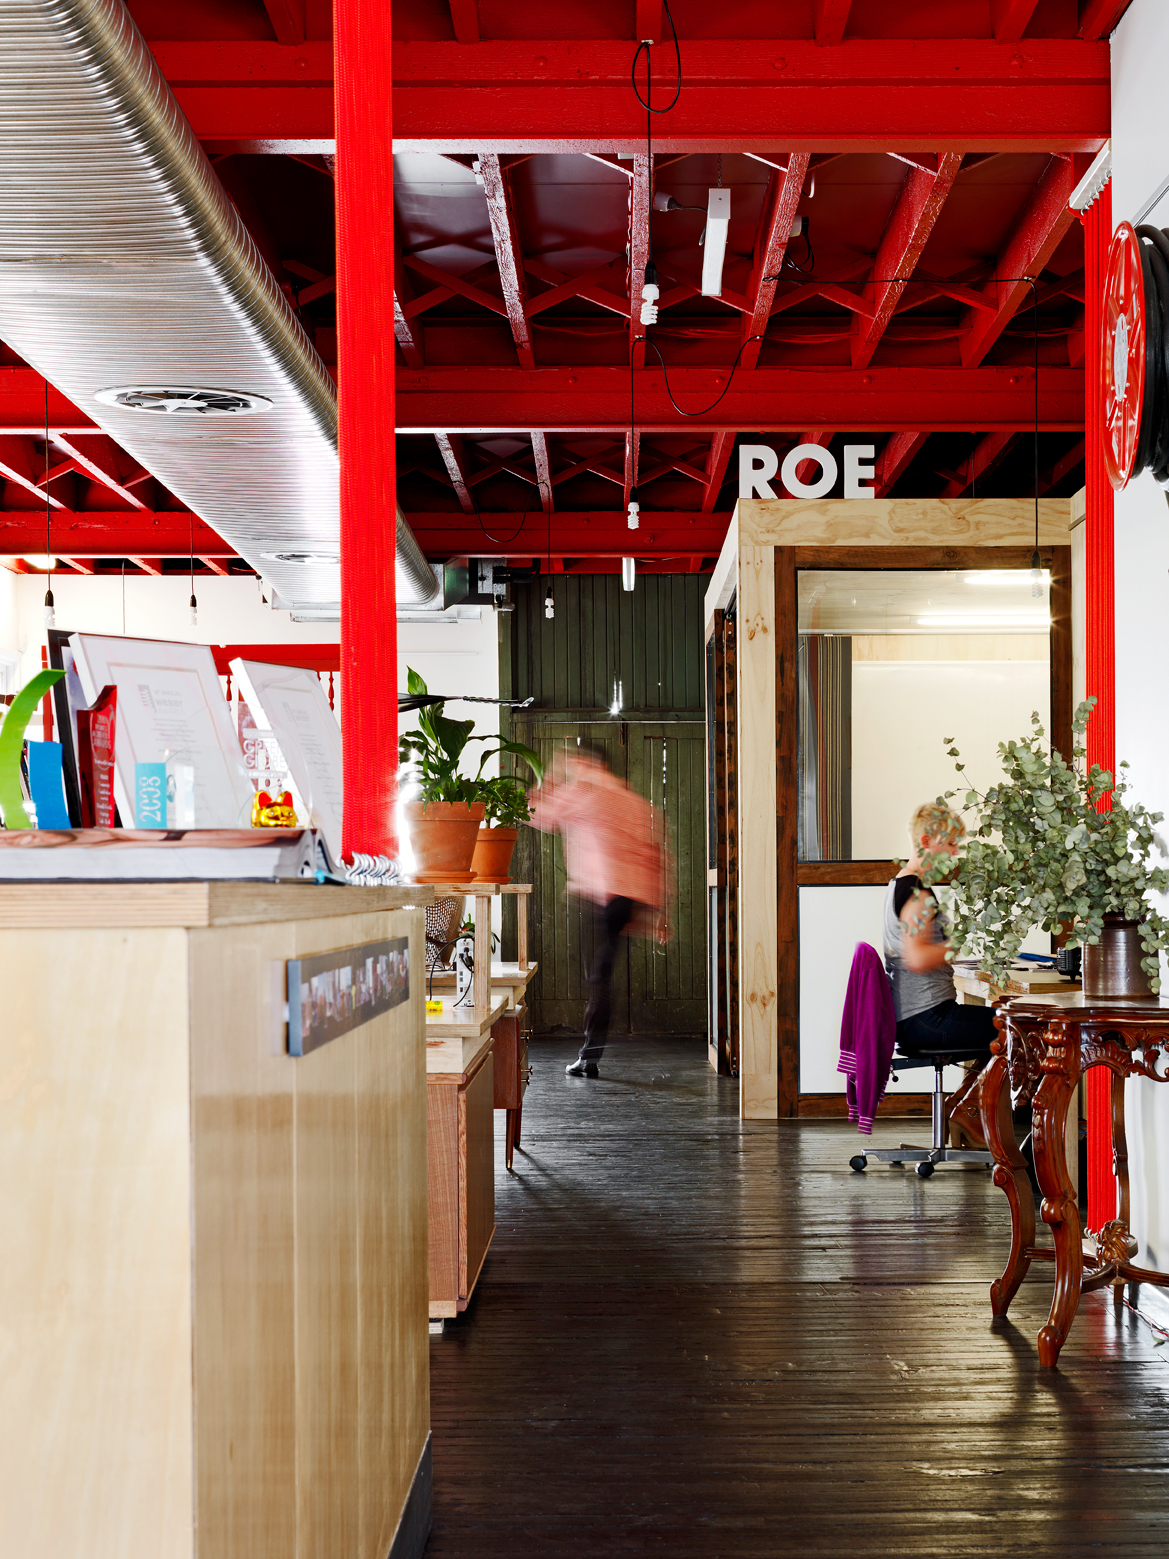 ROE_STUDIO_0129-1.jpg